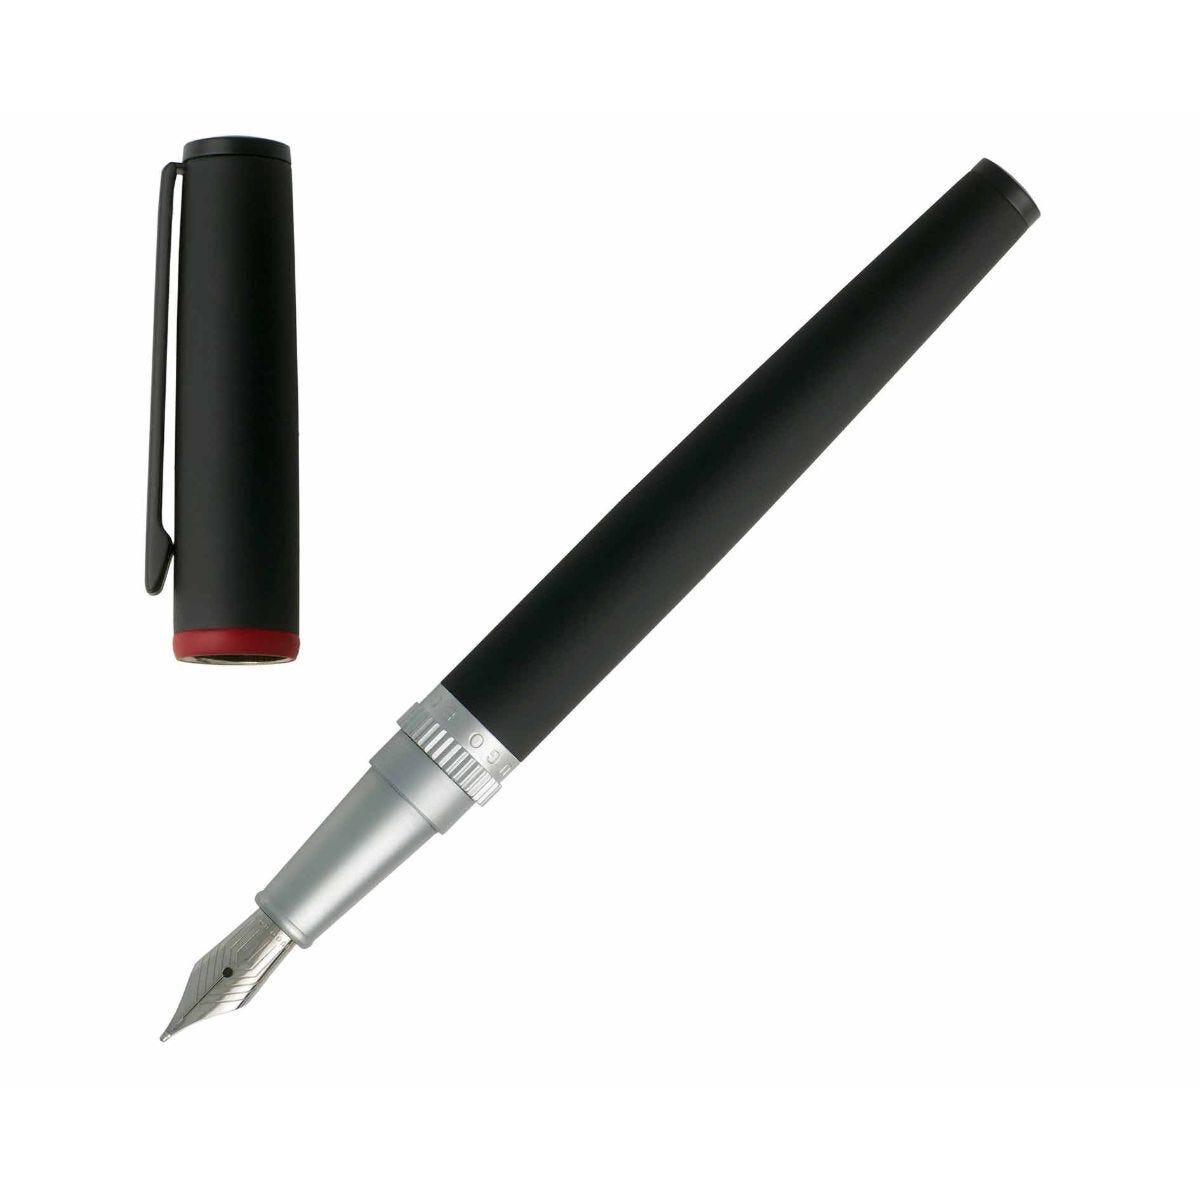 Hugo Boss Gear Fountain Pen Black